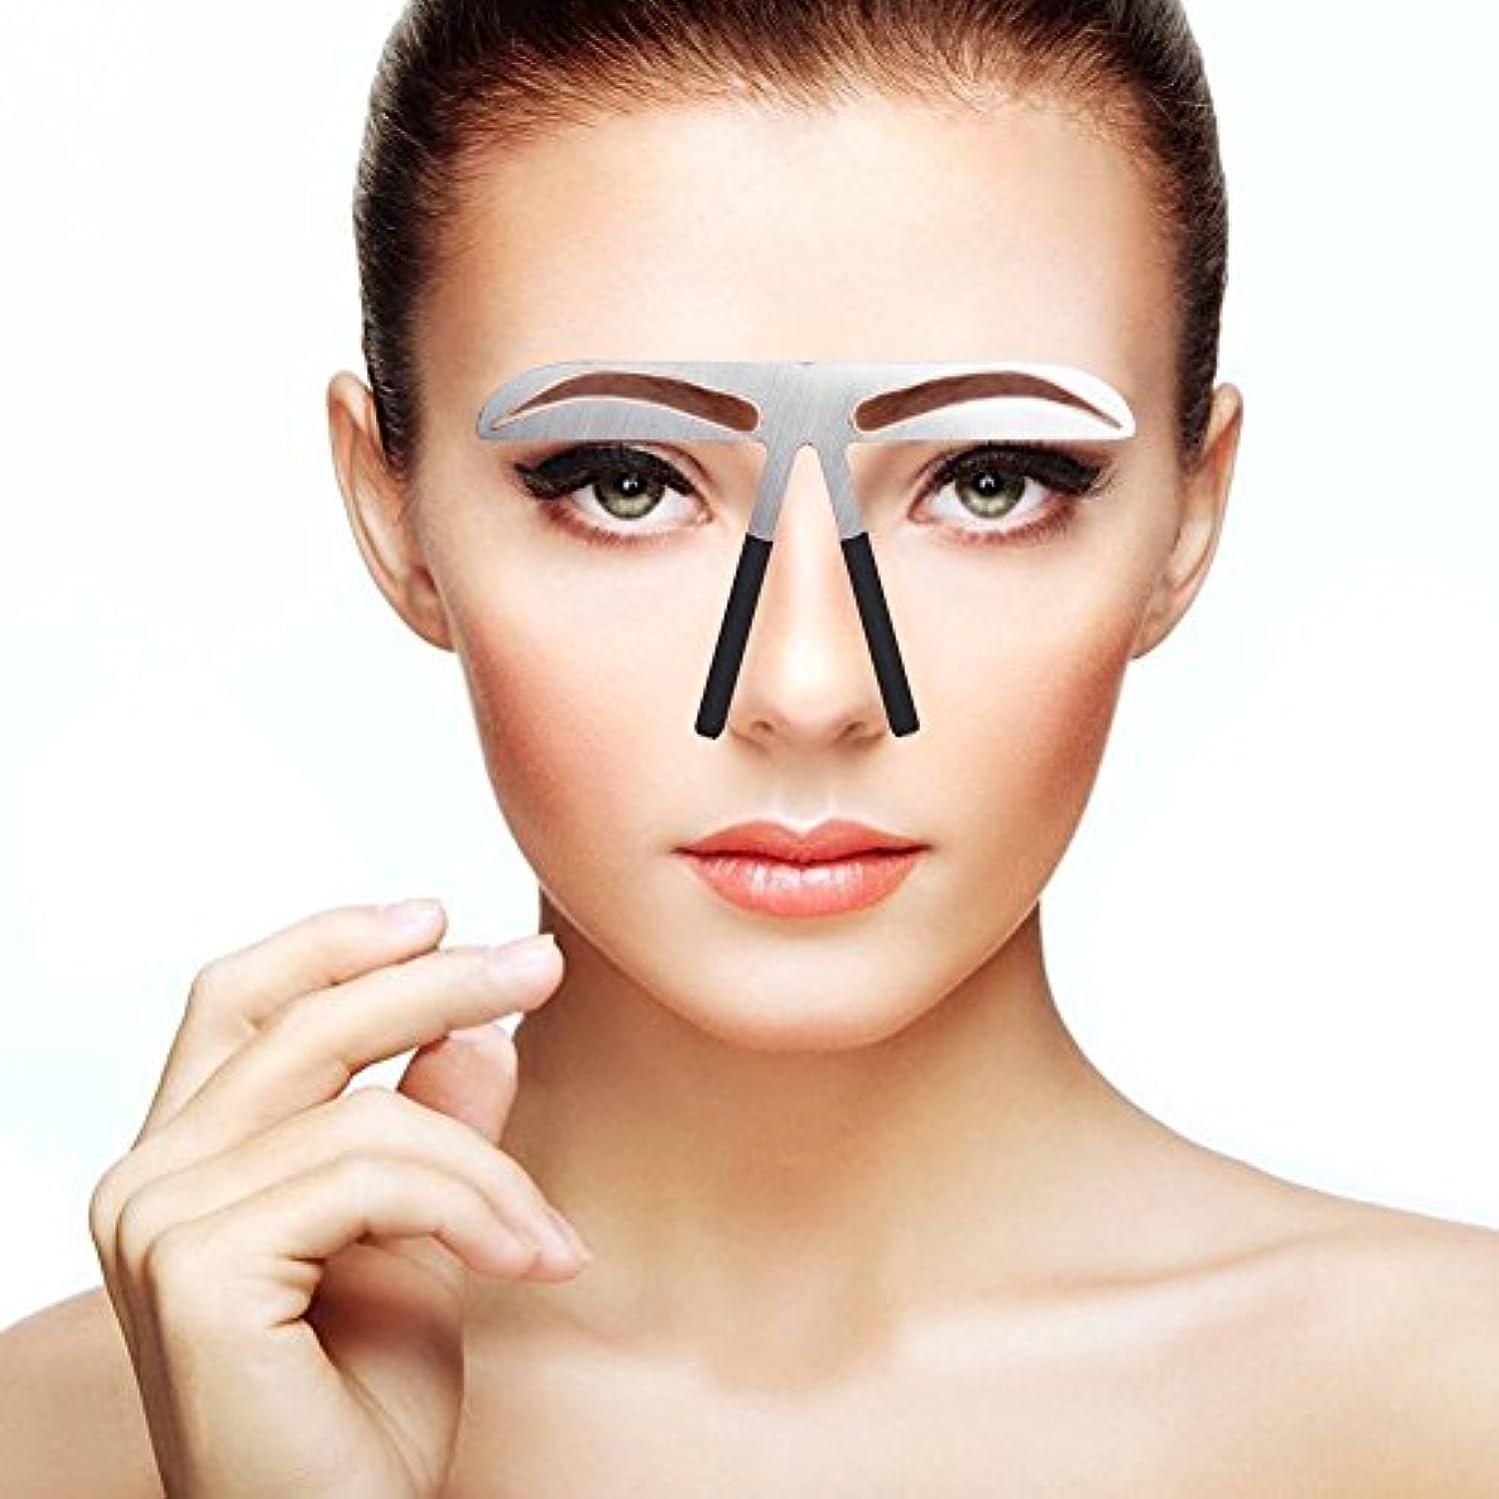 電気的主張口述する眉毛テンプレート 眉毛の定規 メイクアップ 美容ツール アイブローテンプレート アートメイク用定規 美容用 恒久化粧ツール 左右対称 位置決め (03)